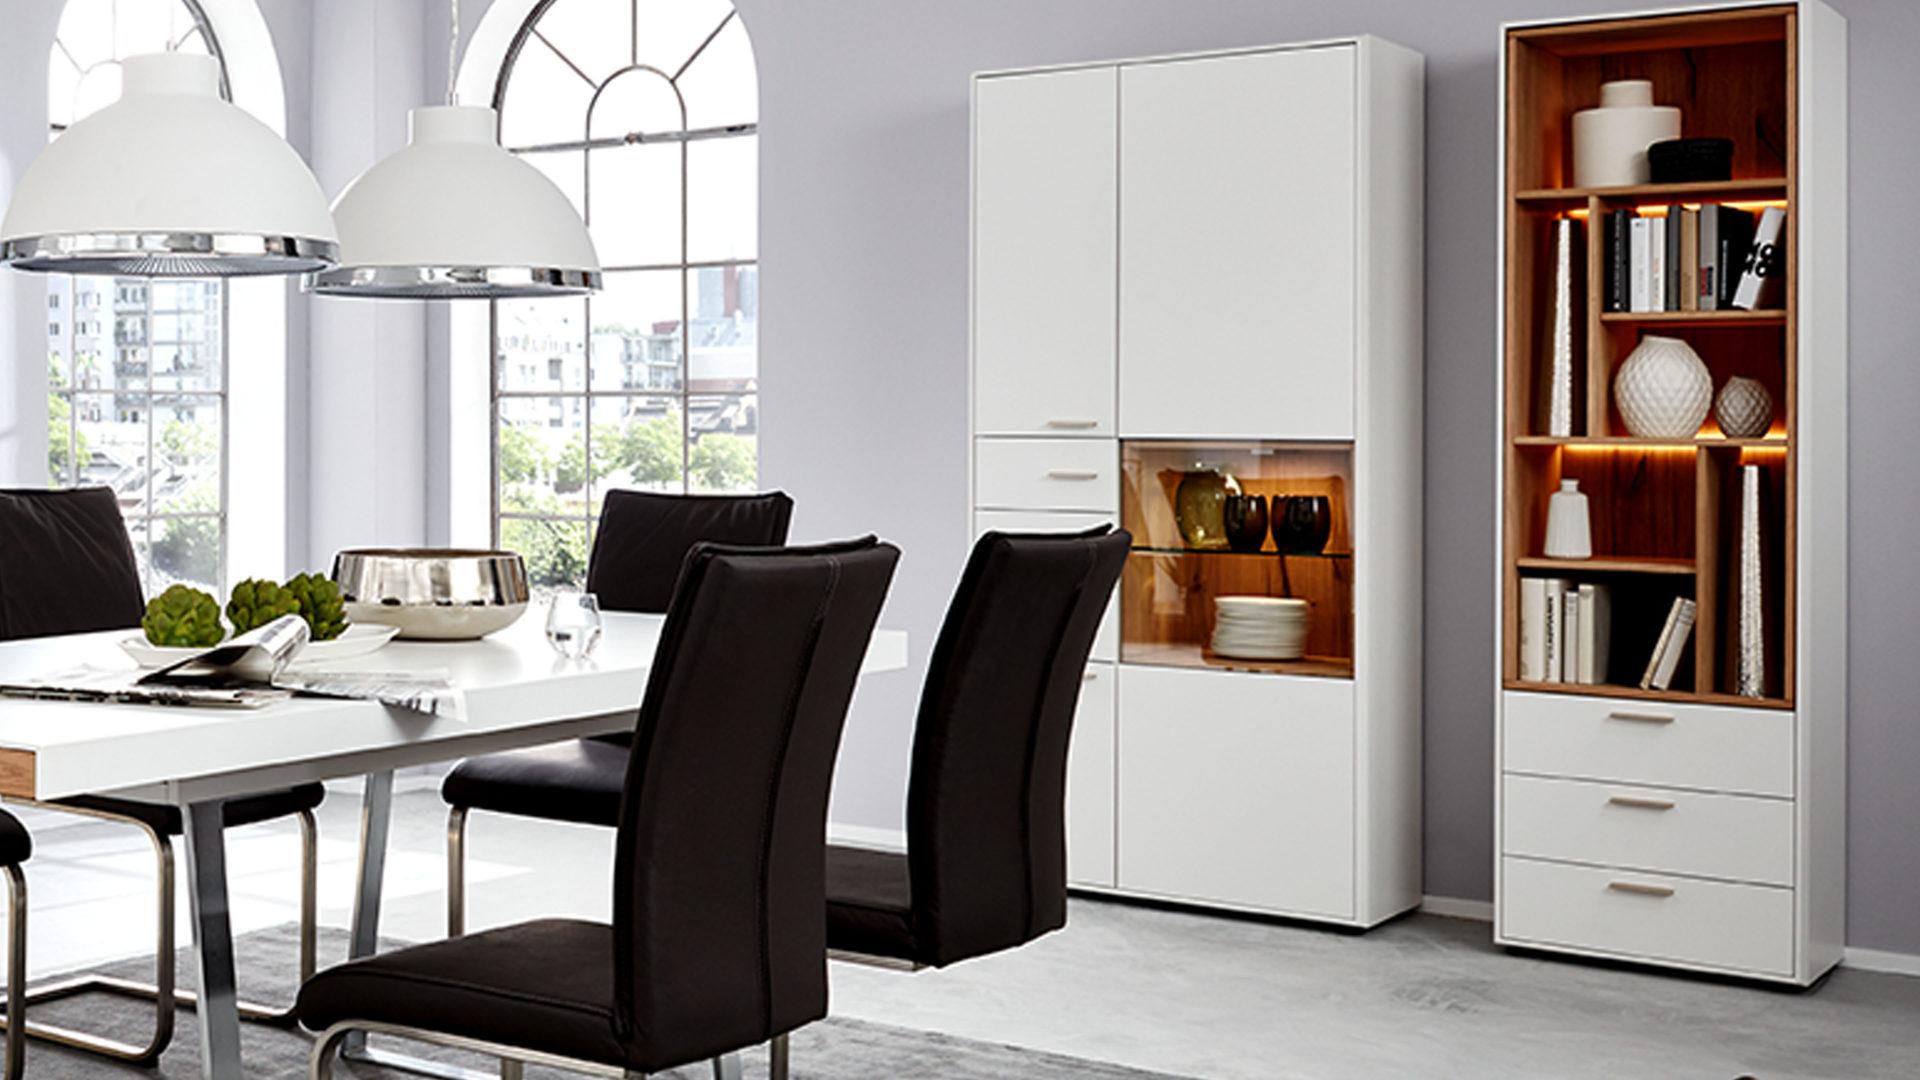 Interliving Wohnzimmer Serie 2102 - Design-Regal mit Schubladen ...